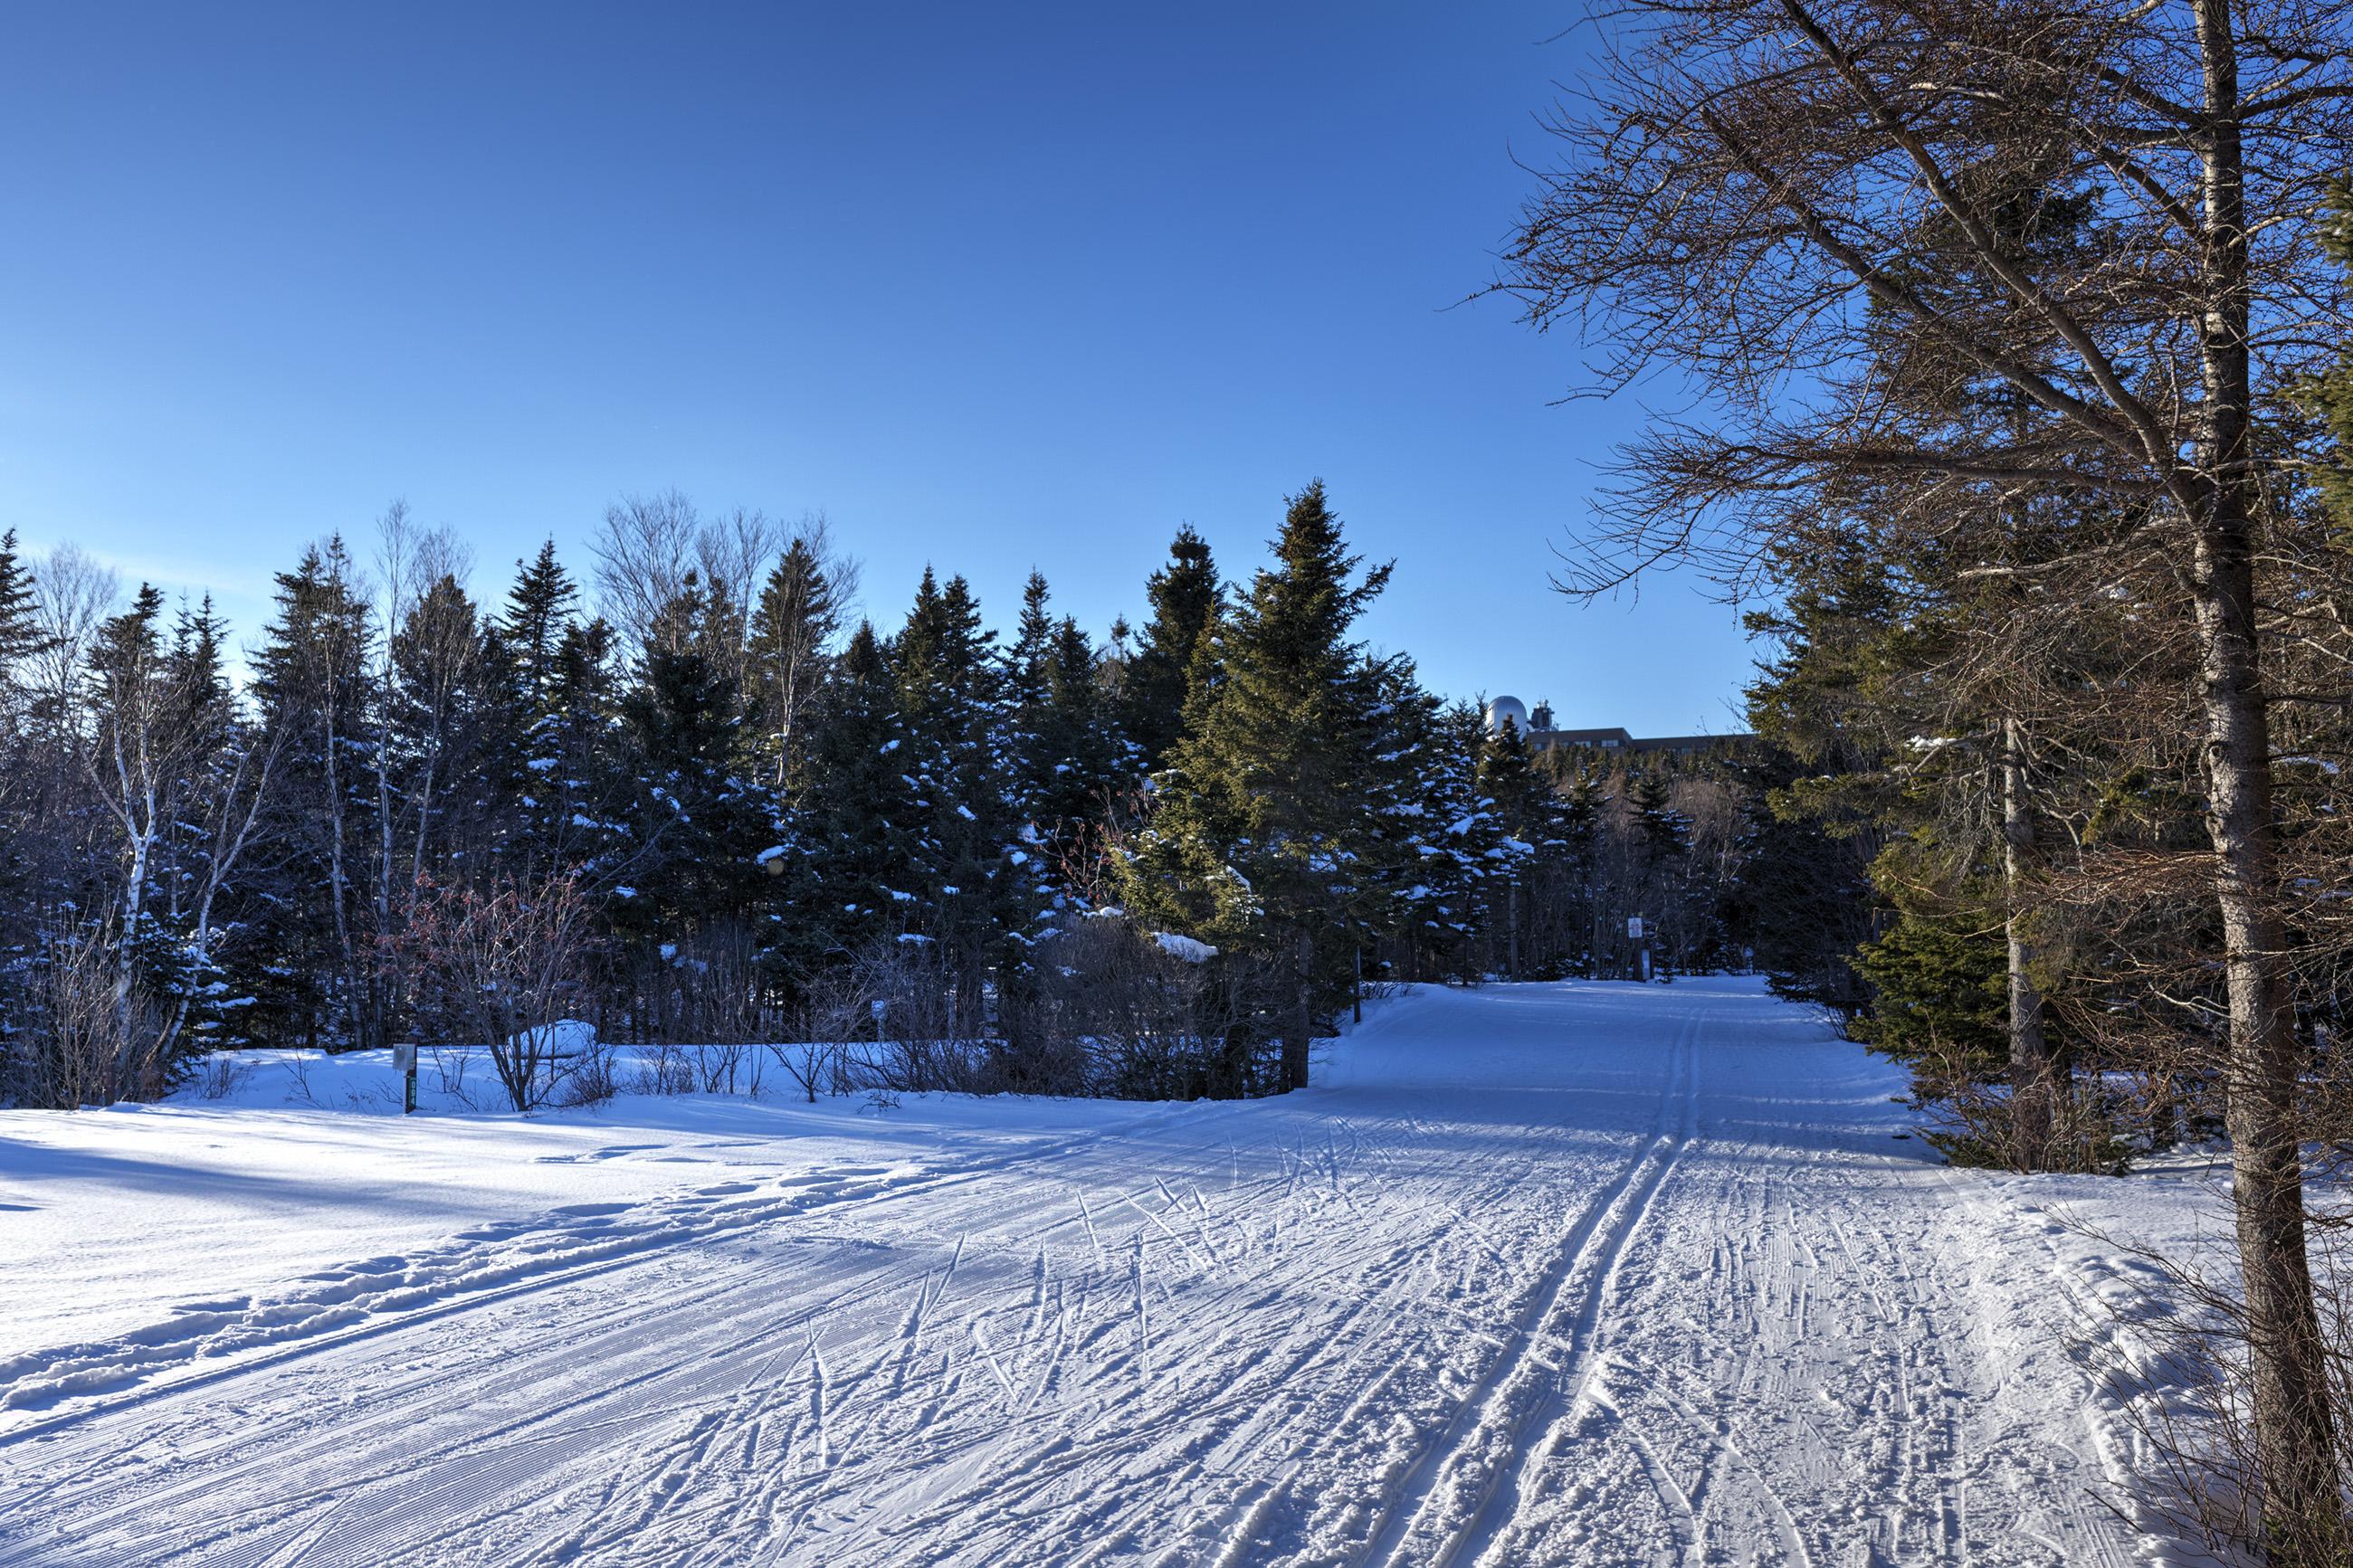 Ski course, Active, Recreation, Nordic, North, HQ Photo